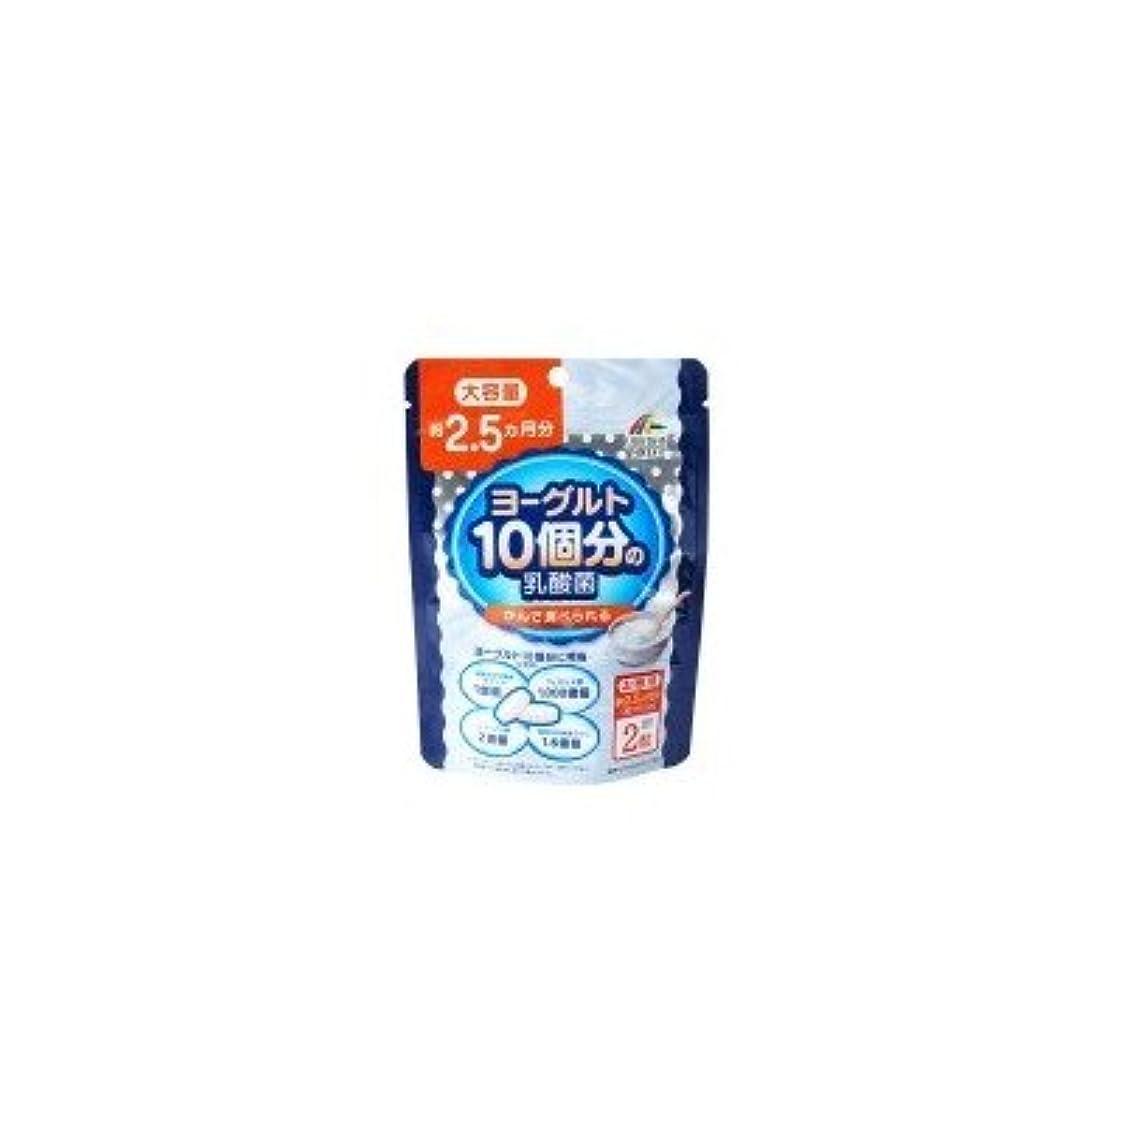 名前を作るノート布ヨーグルト10個分の乳酸菌 大容量 30.8g(200mg×154粒)